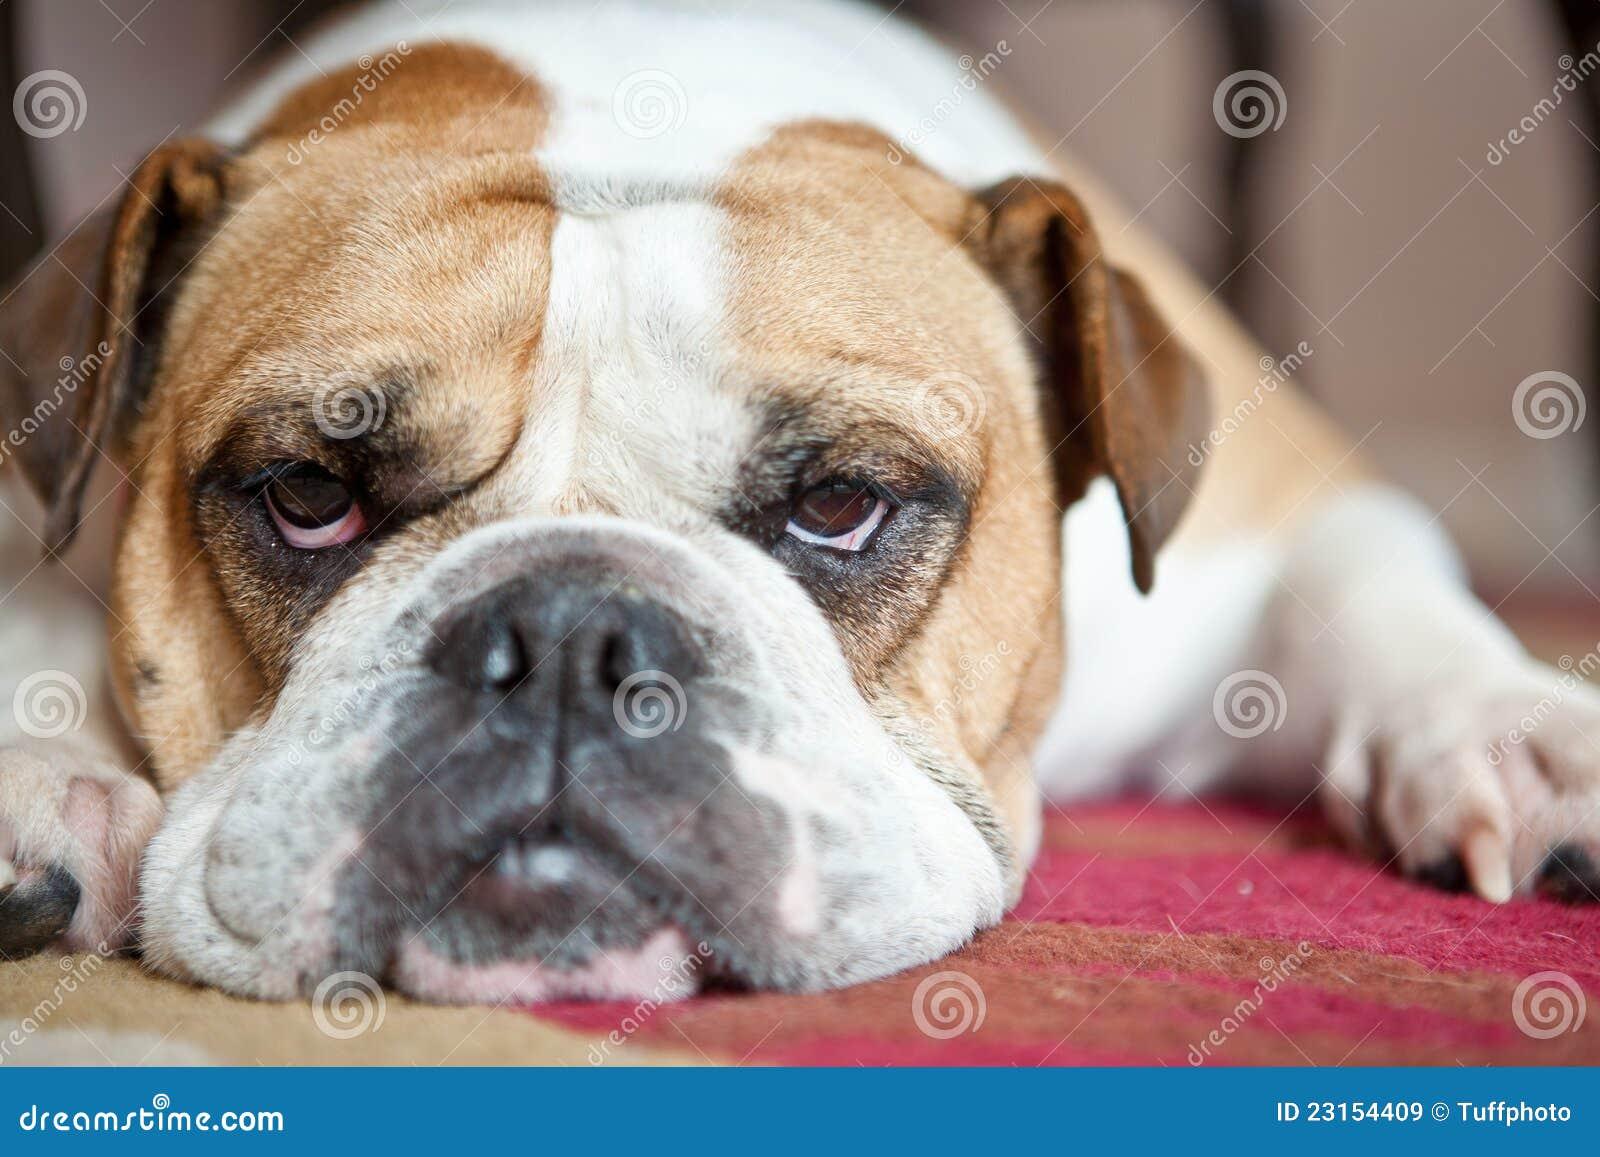 Pin bulldog inglese che fa il bagno on pinterest - Fare il bagno in inglese ...